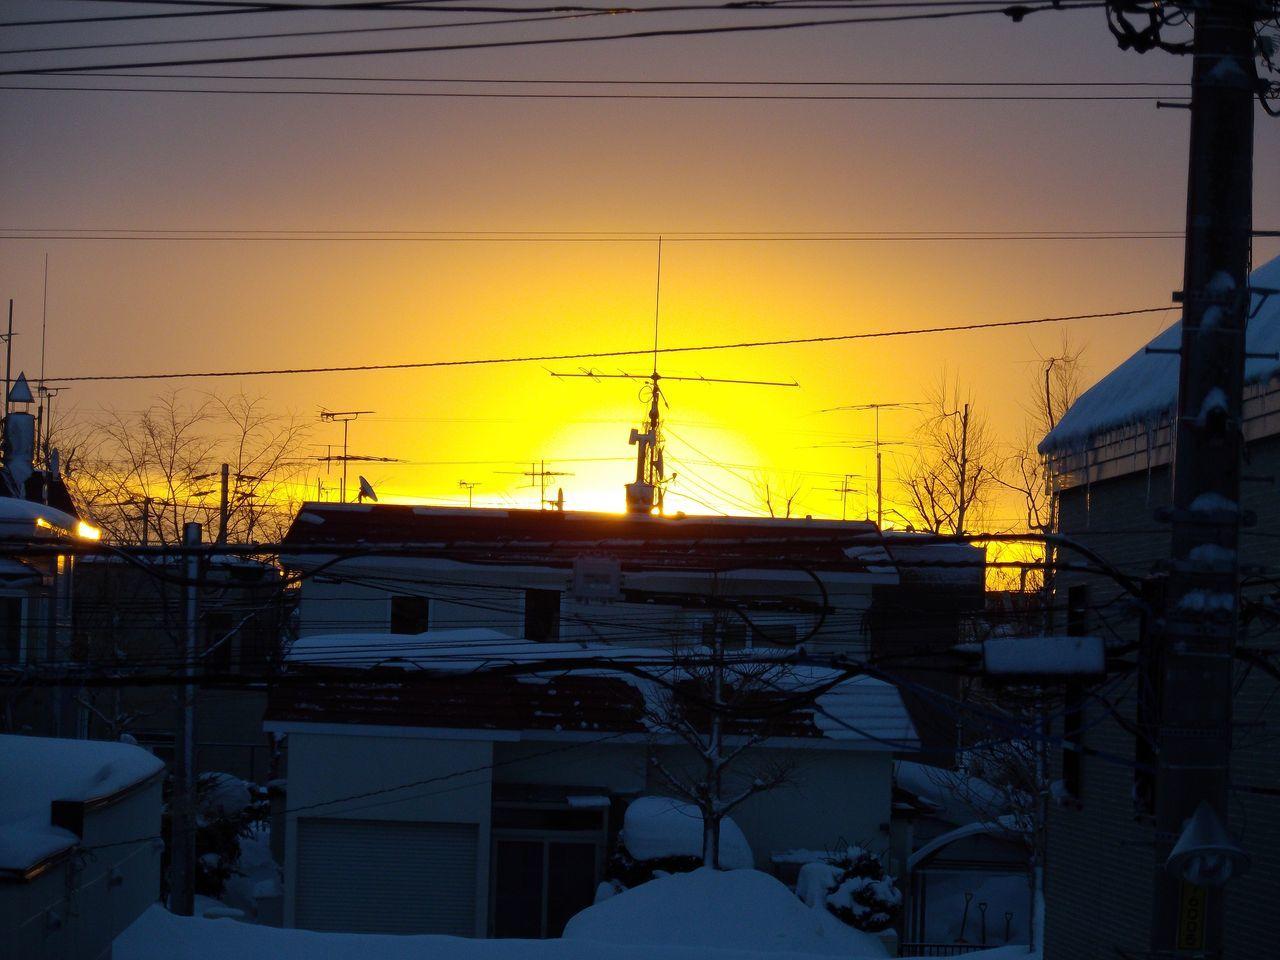 日の出の瞬間だけの太陽観察_c0025115_20015943.jpg